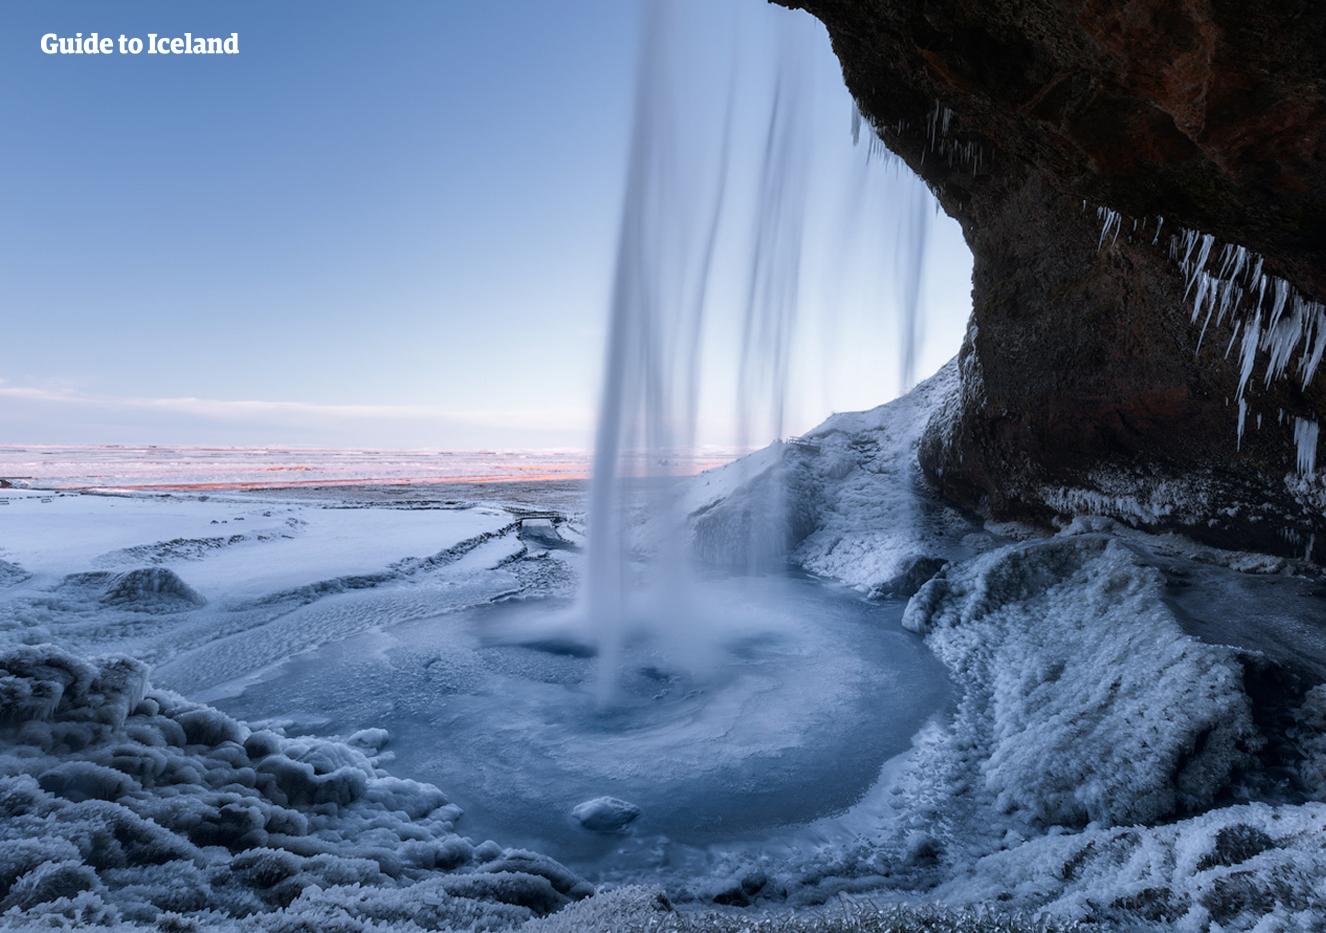 아이슬란드의 남부해안으로 찾아온 밤.